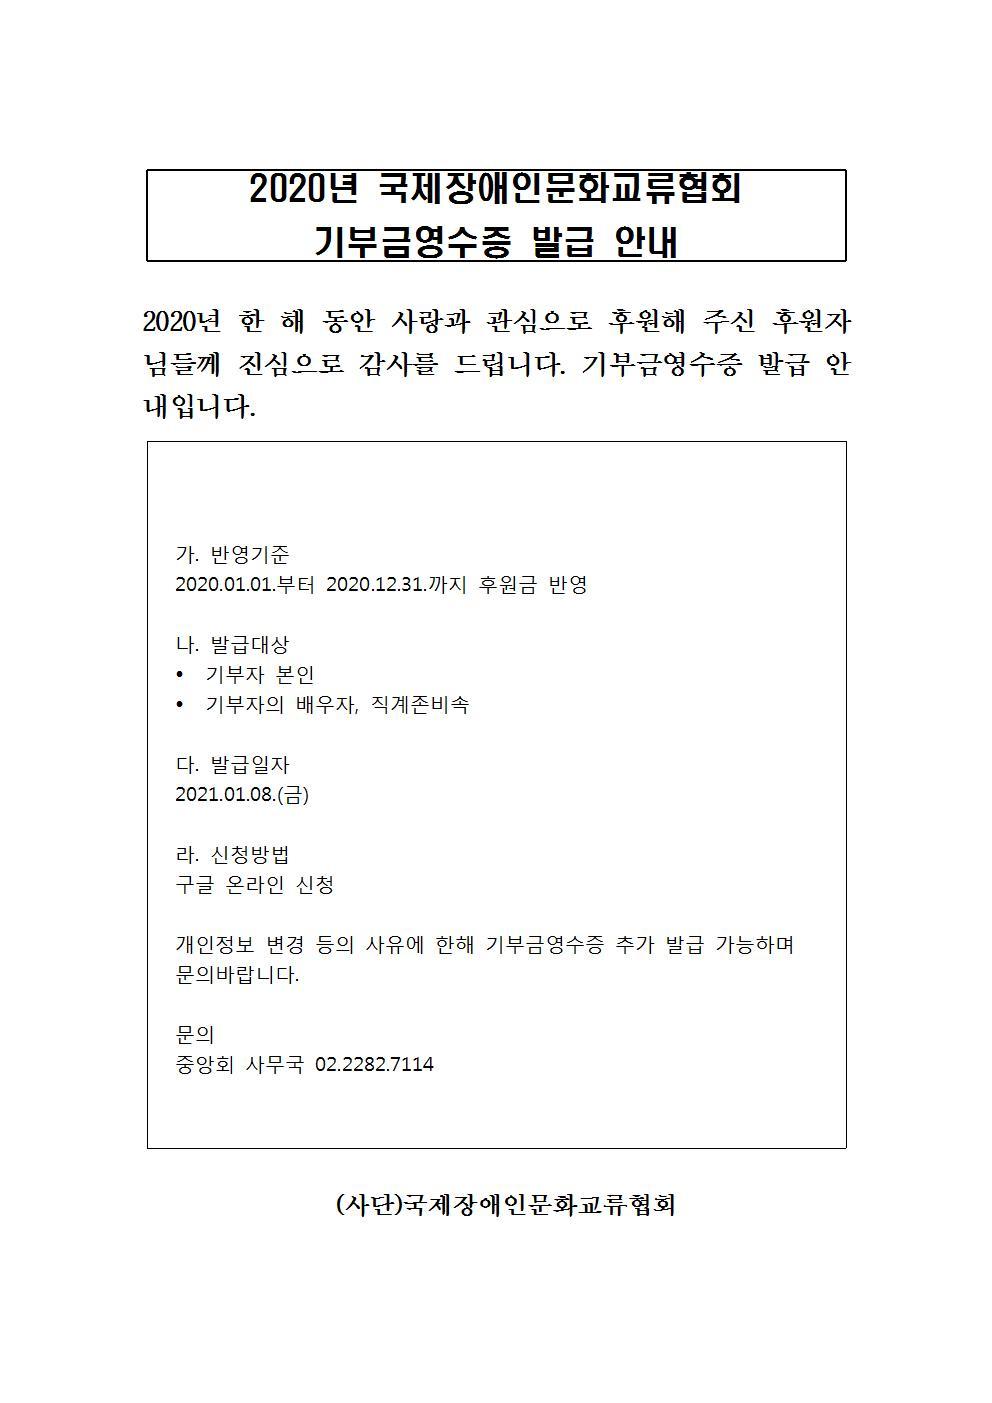 2020년 국제장애인문화교류협회 기부금영수증 발급 안내.jpg